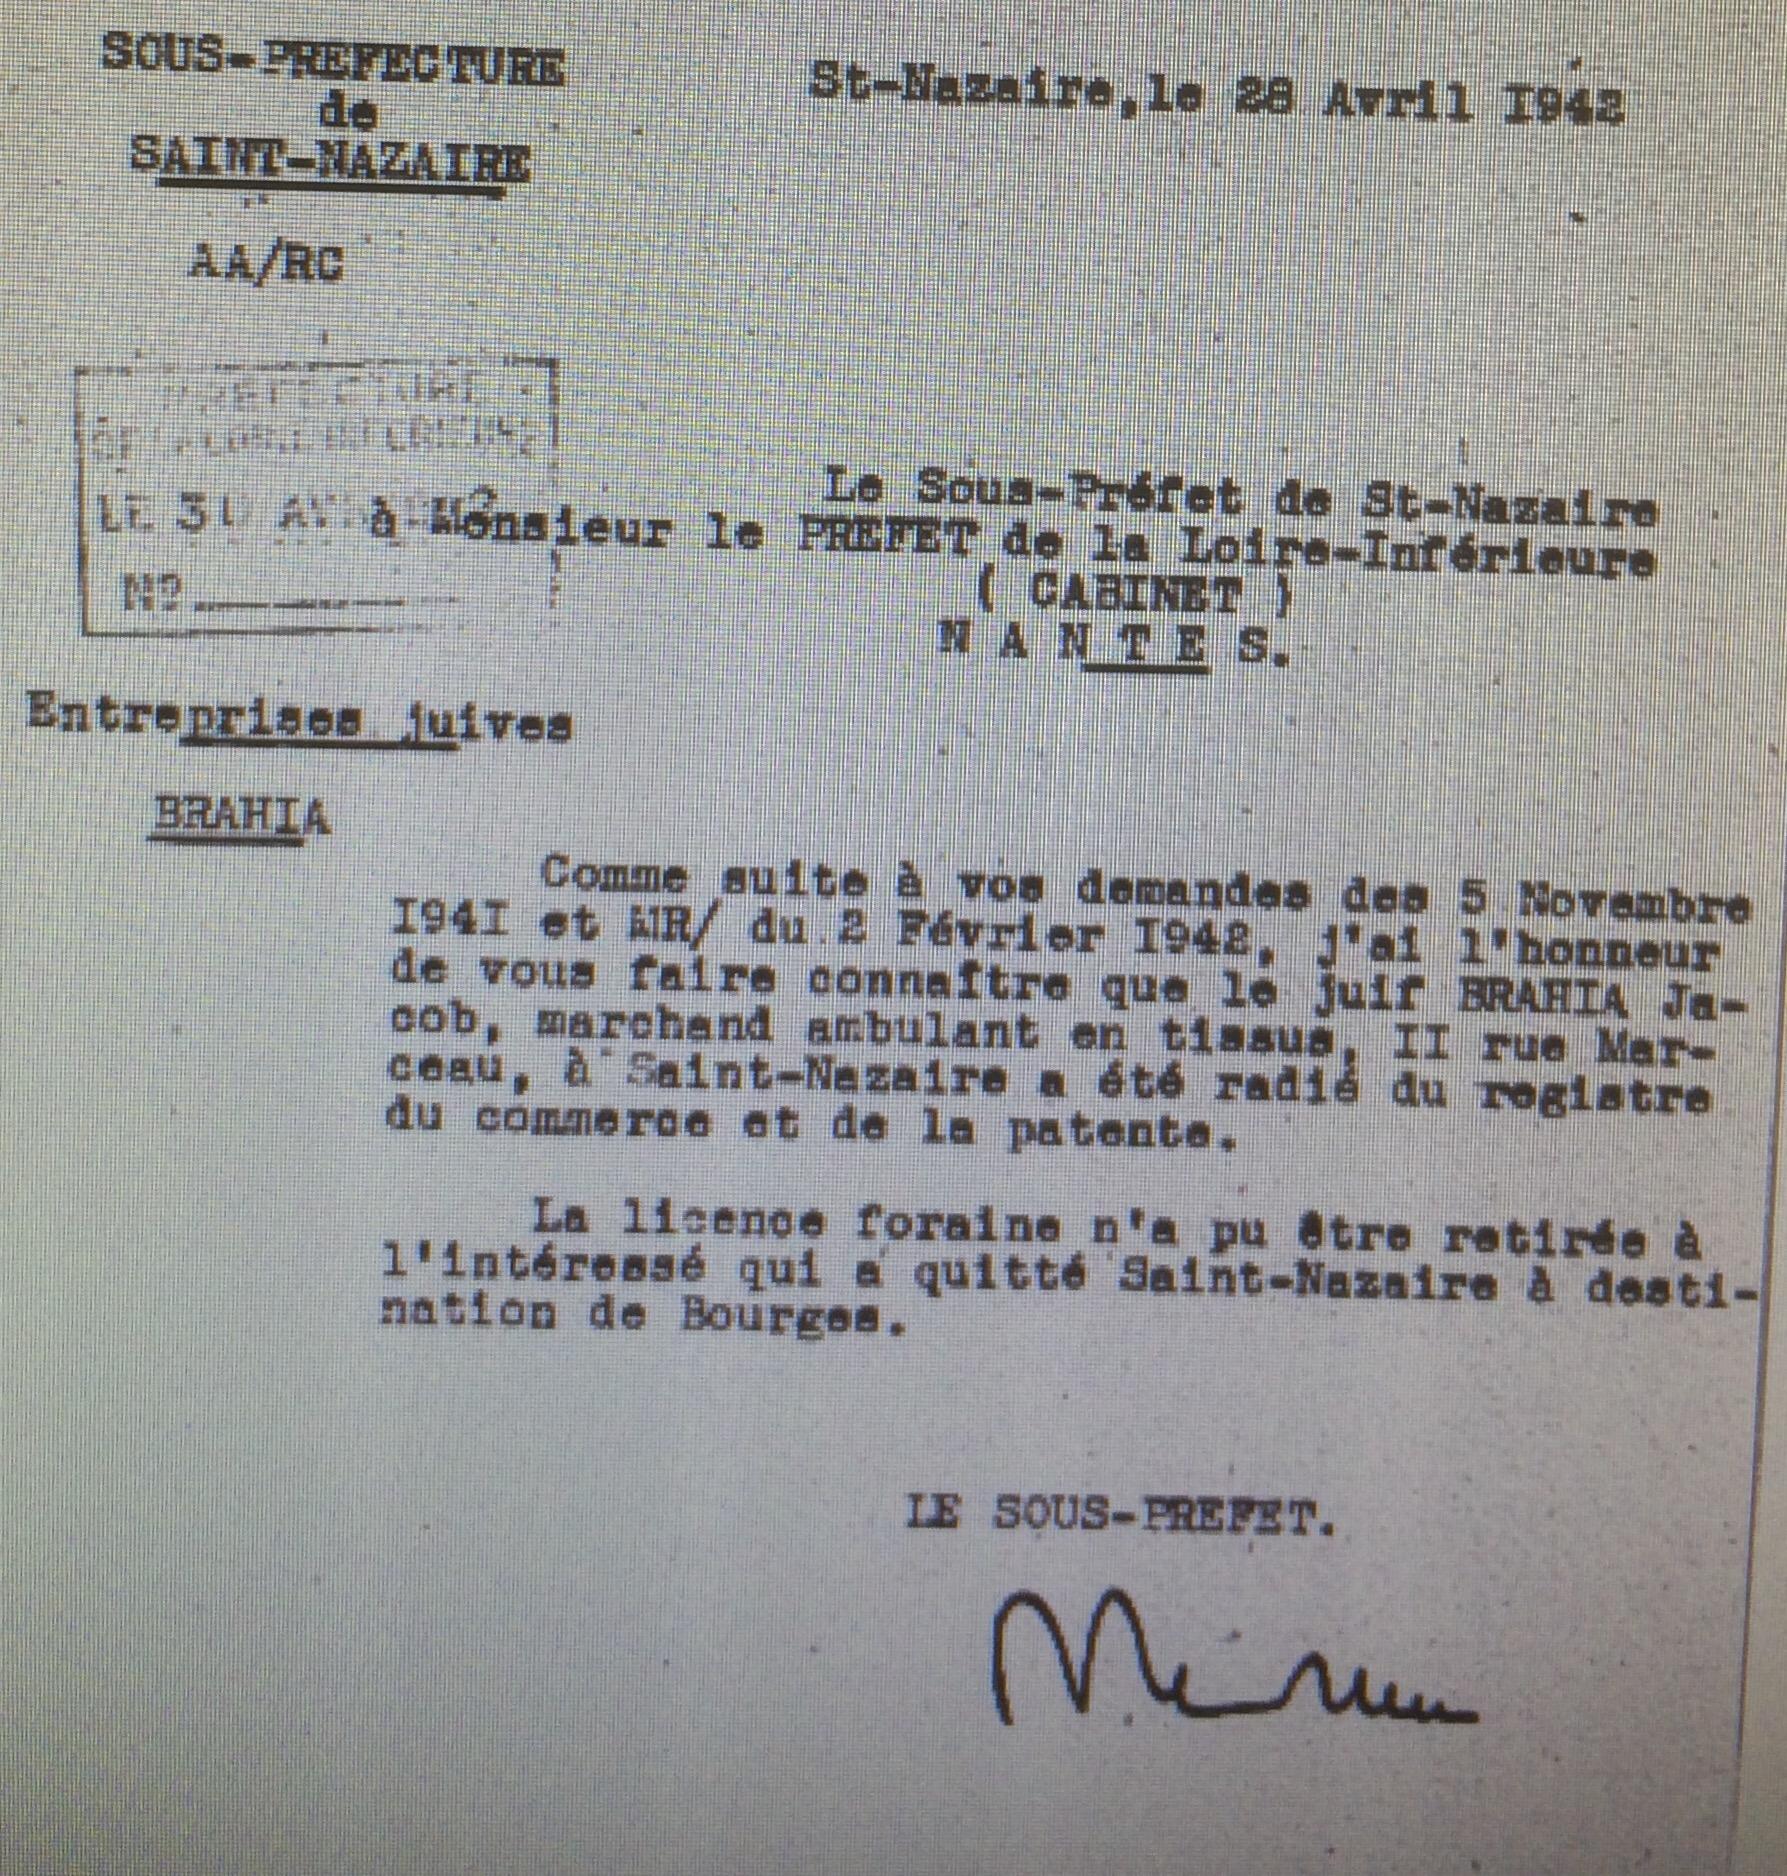 Courrier Sous-préfet/Préfet 28 avril 1942 [CGQJ, AJ38/4600 dossierr n° 9550]